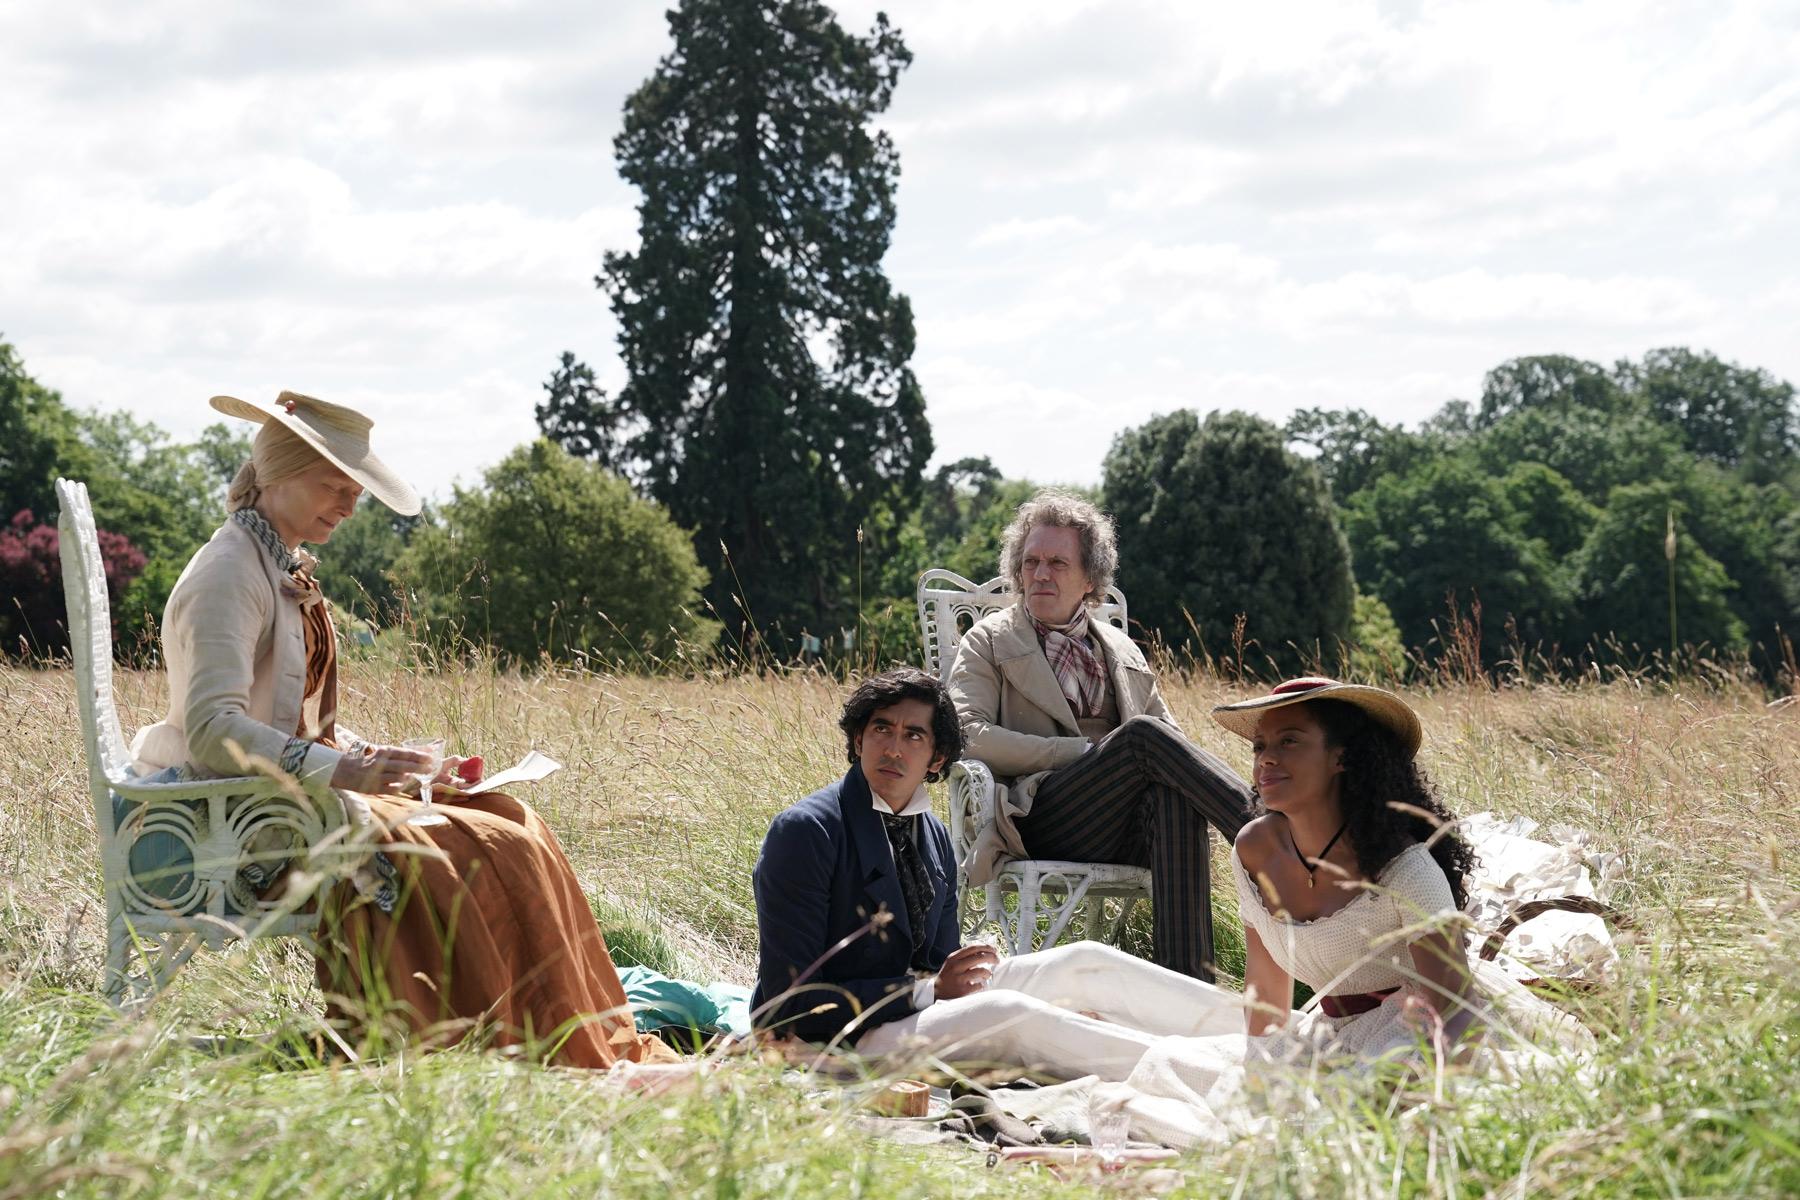 La vita straordinaria di David Copperfield: una sequenza del film